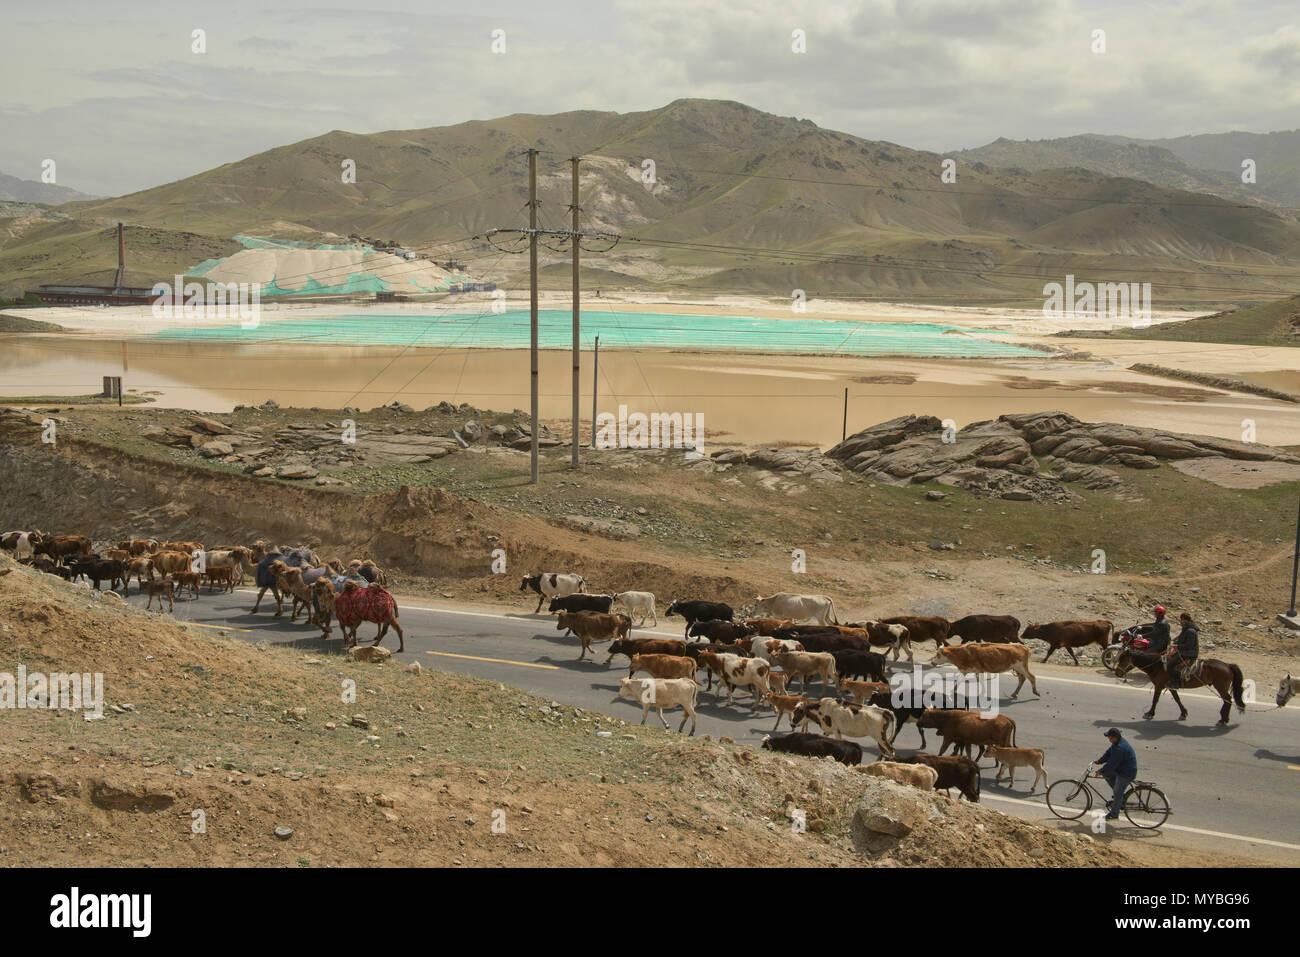 Kazakh nomads rounding up their cattle, Keketuohai, Xinjiang, China - Stock Image